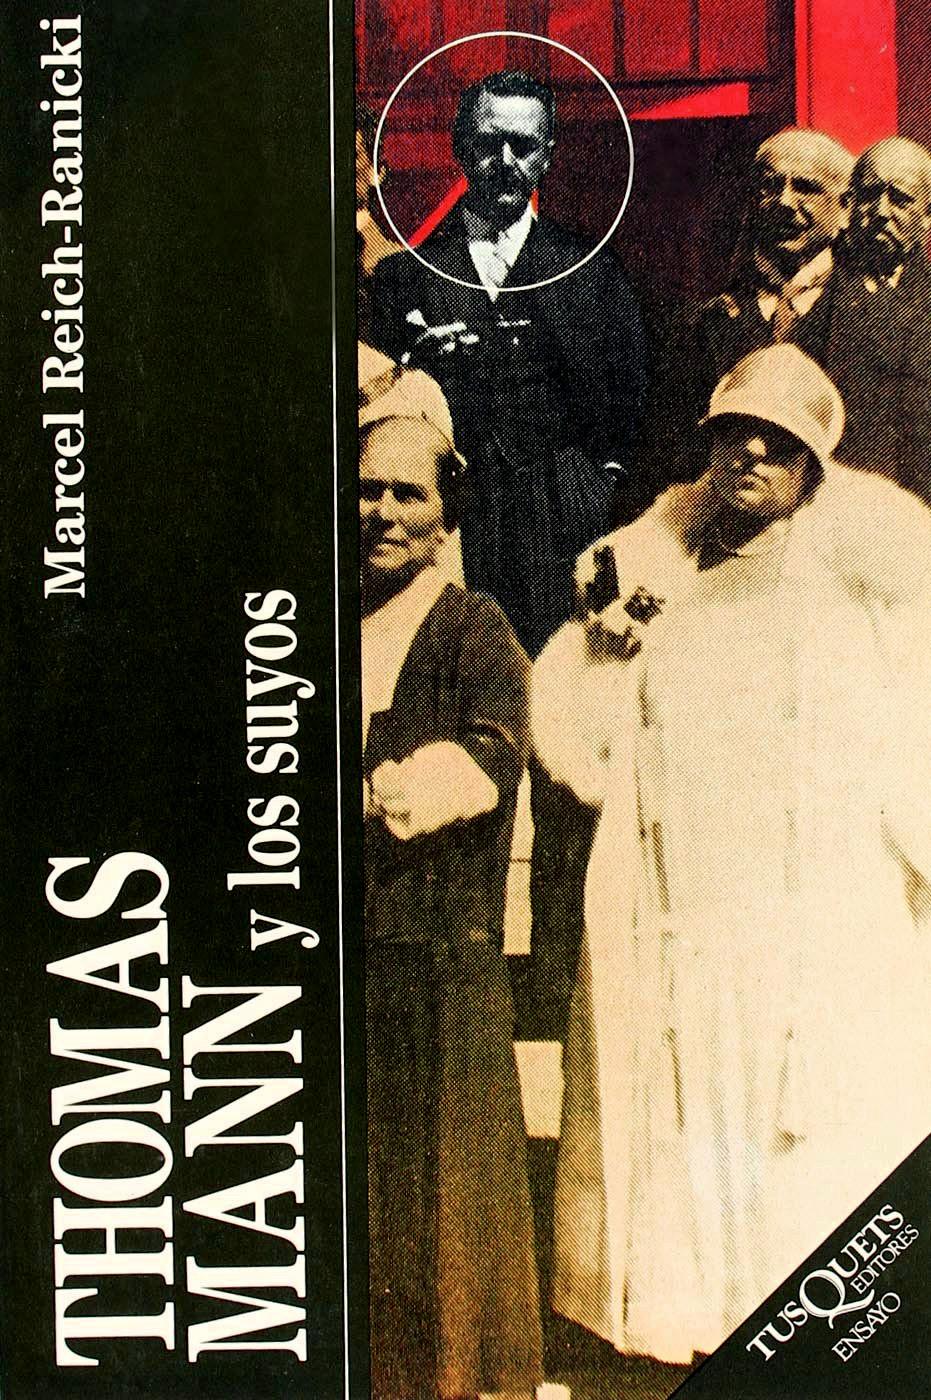 """Portada del libro """"Thomas Mann y los suyos"""", de Marcel Reich-Ranicki, trad. de Anna Rossell"""